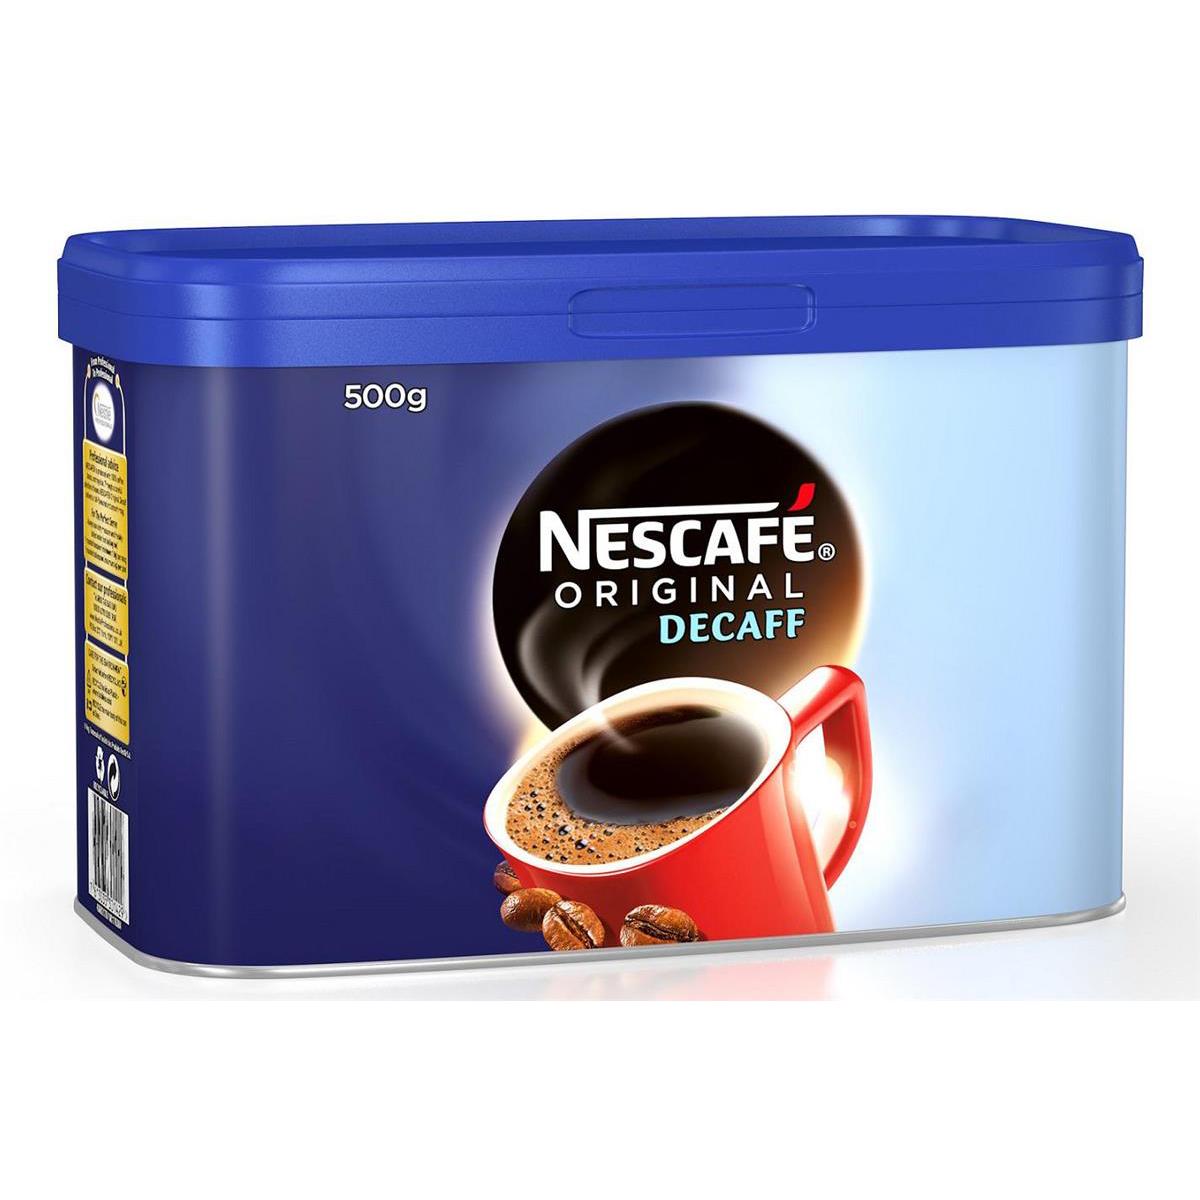 Nescafe Original Decaf 500g 12315569